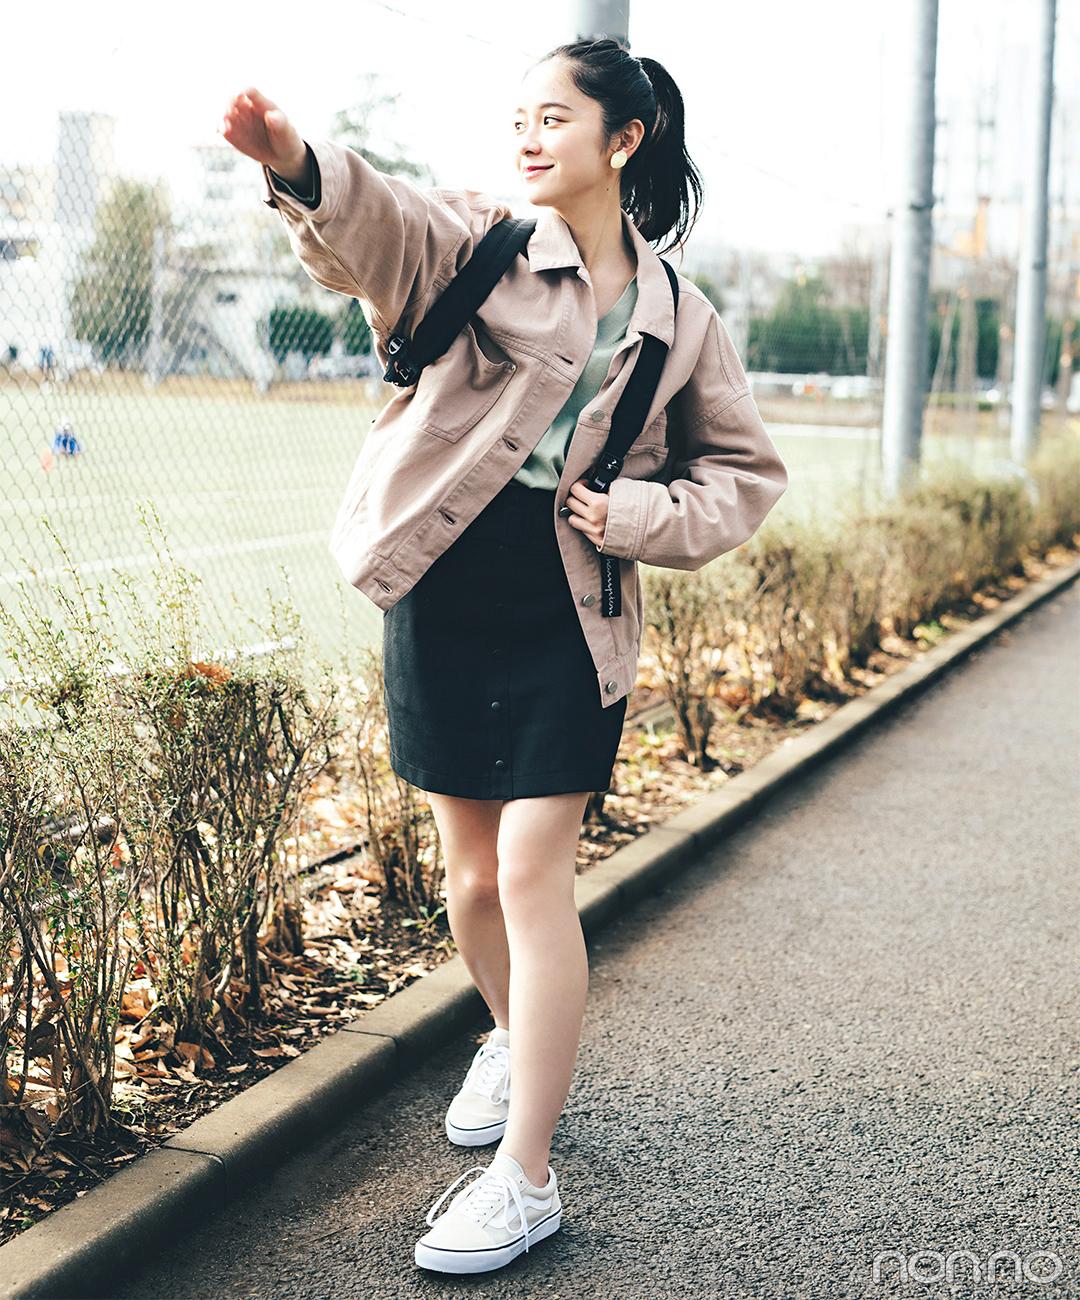 ジャケット&黒のミニスカをスポーティにアレンジ【毎日コーデ】